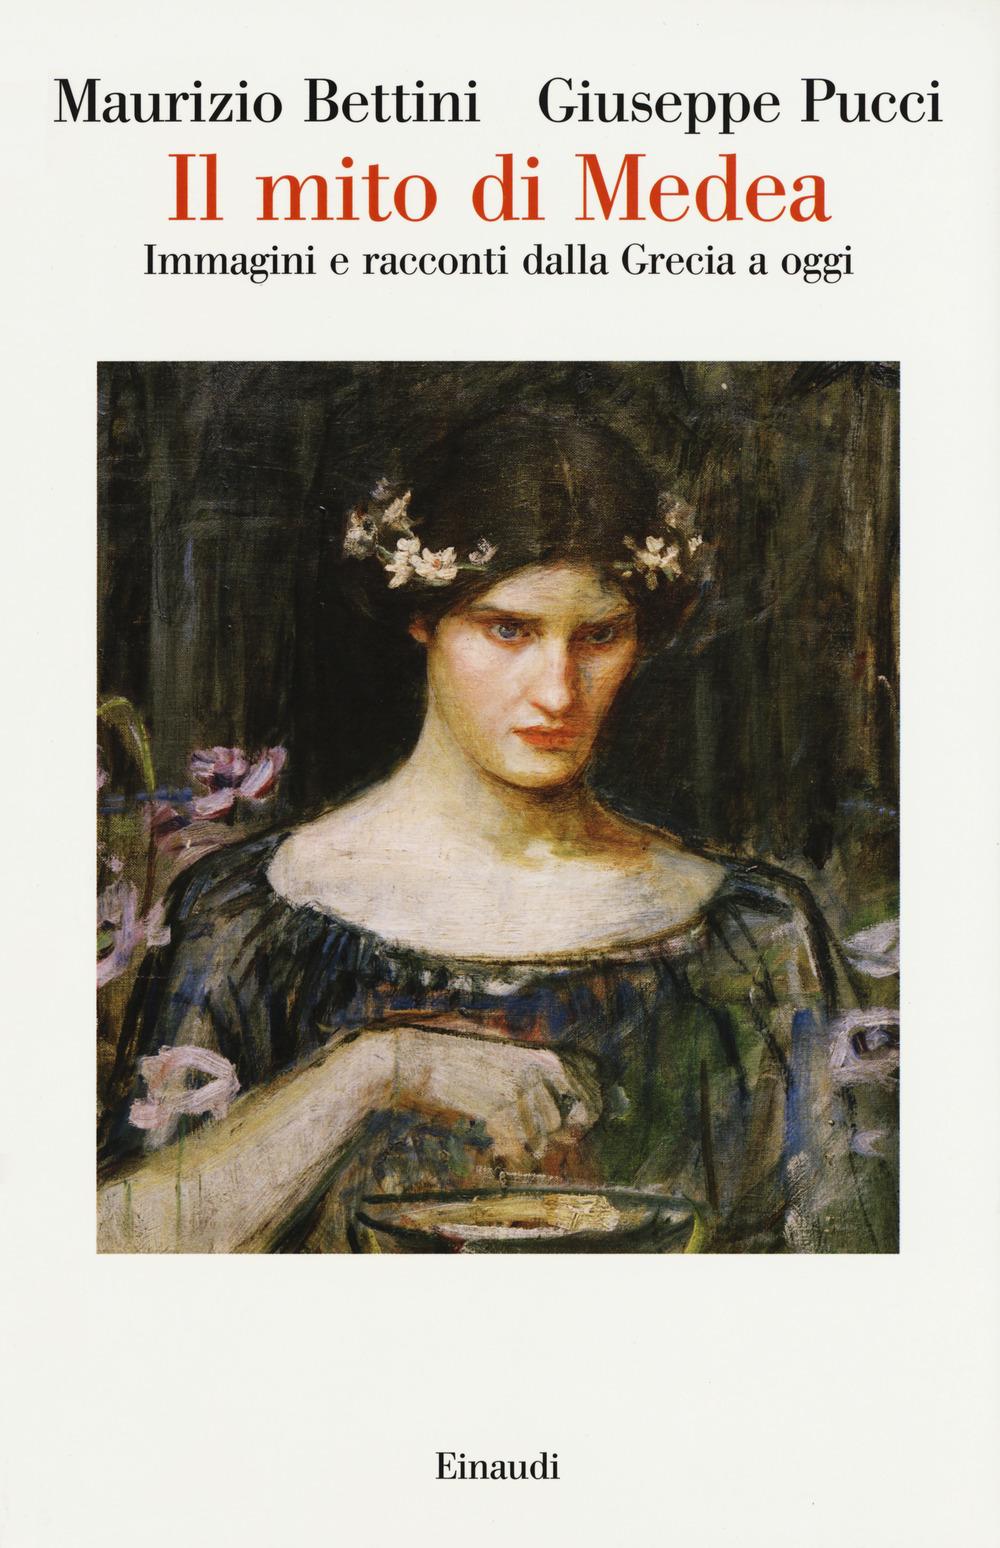 Il mito di Medea. Immagini e racconti dalla Grecia a oggi